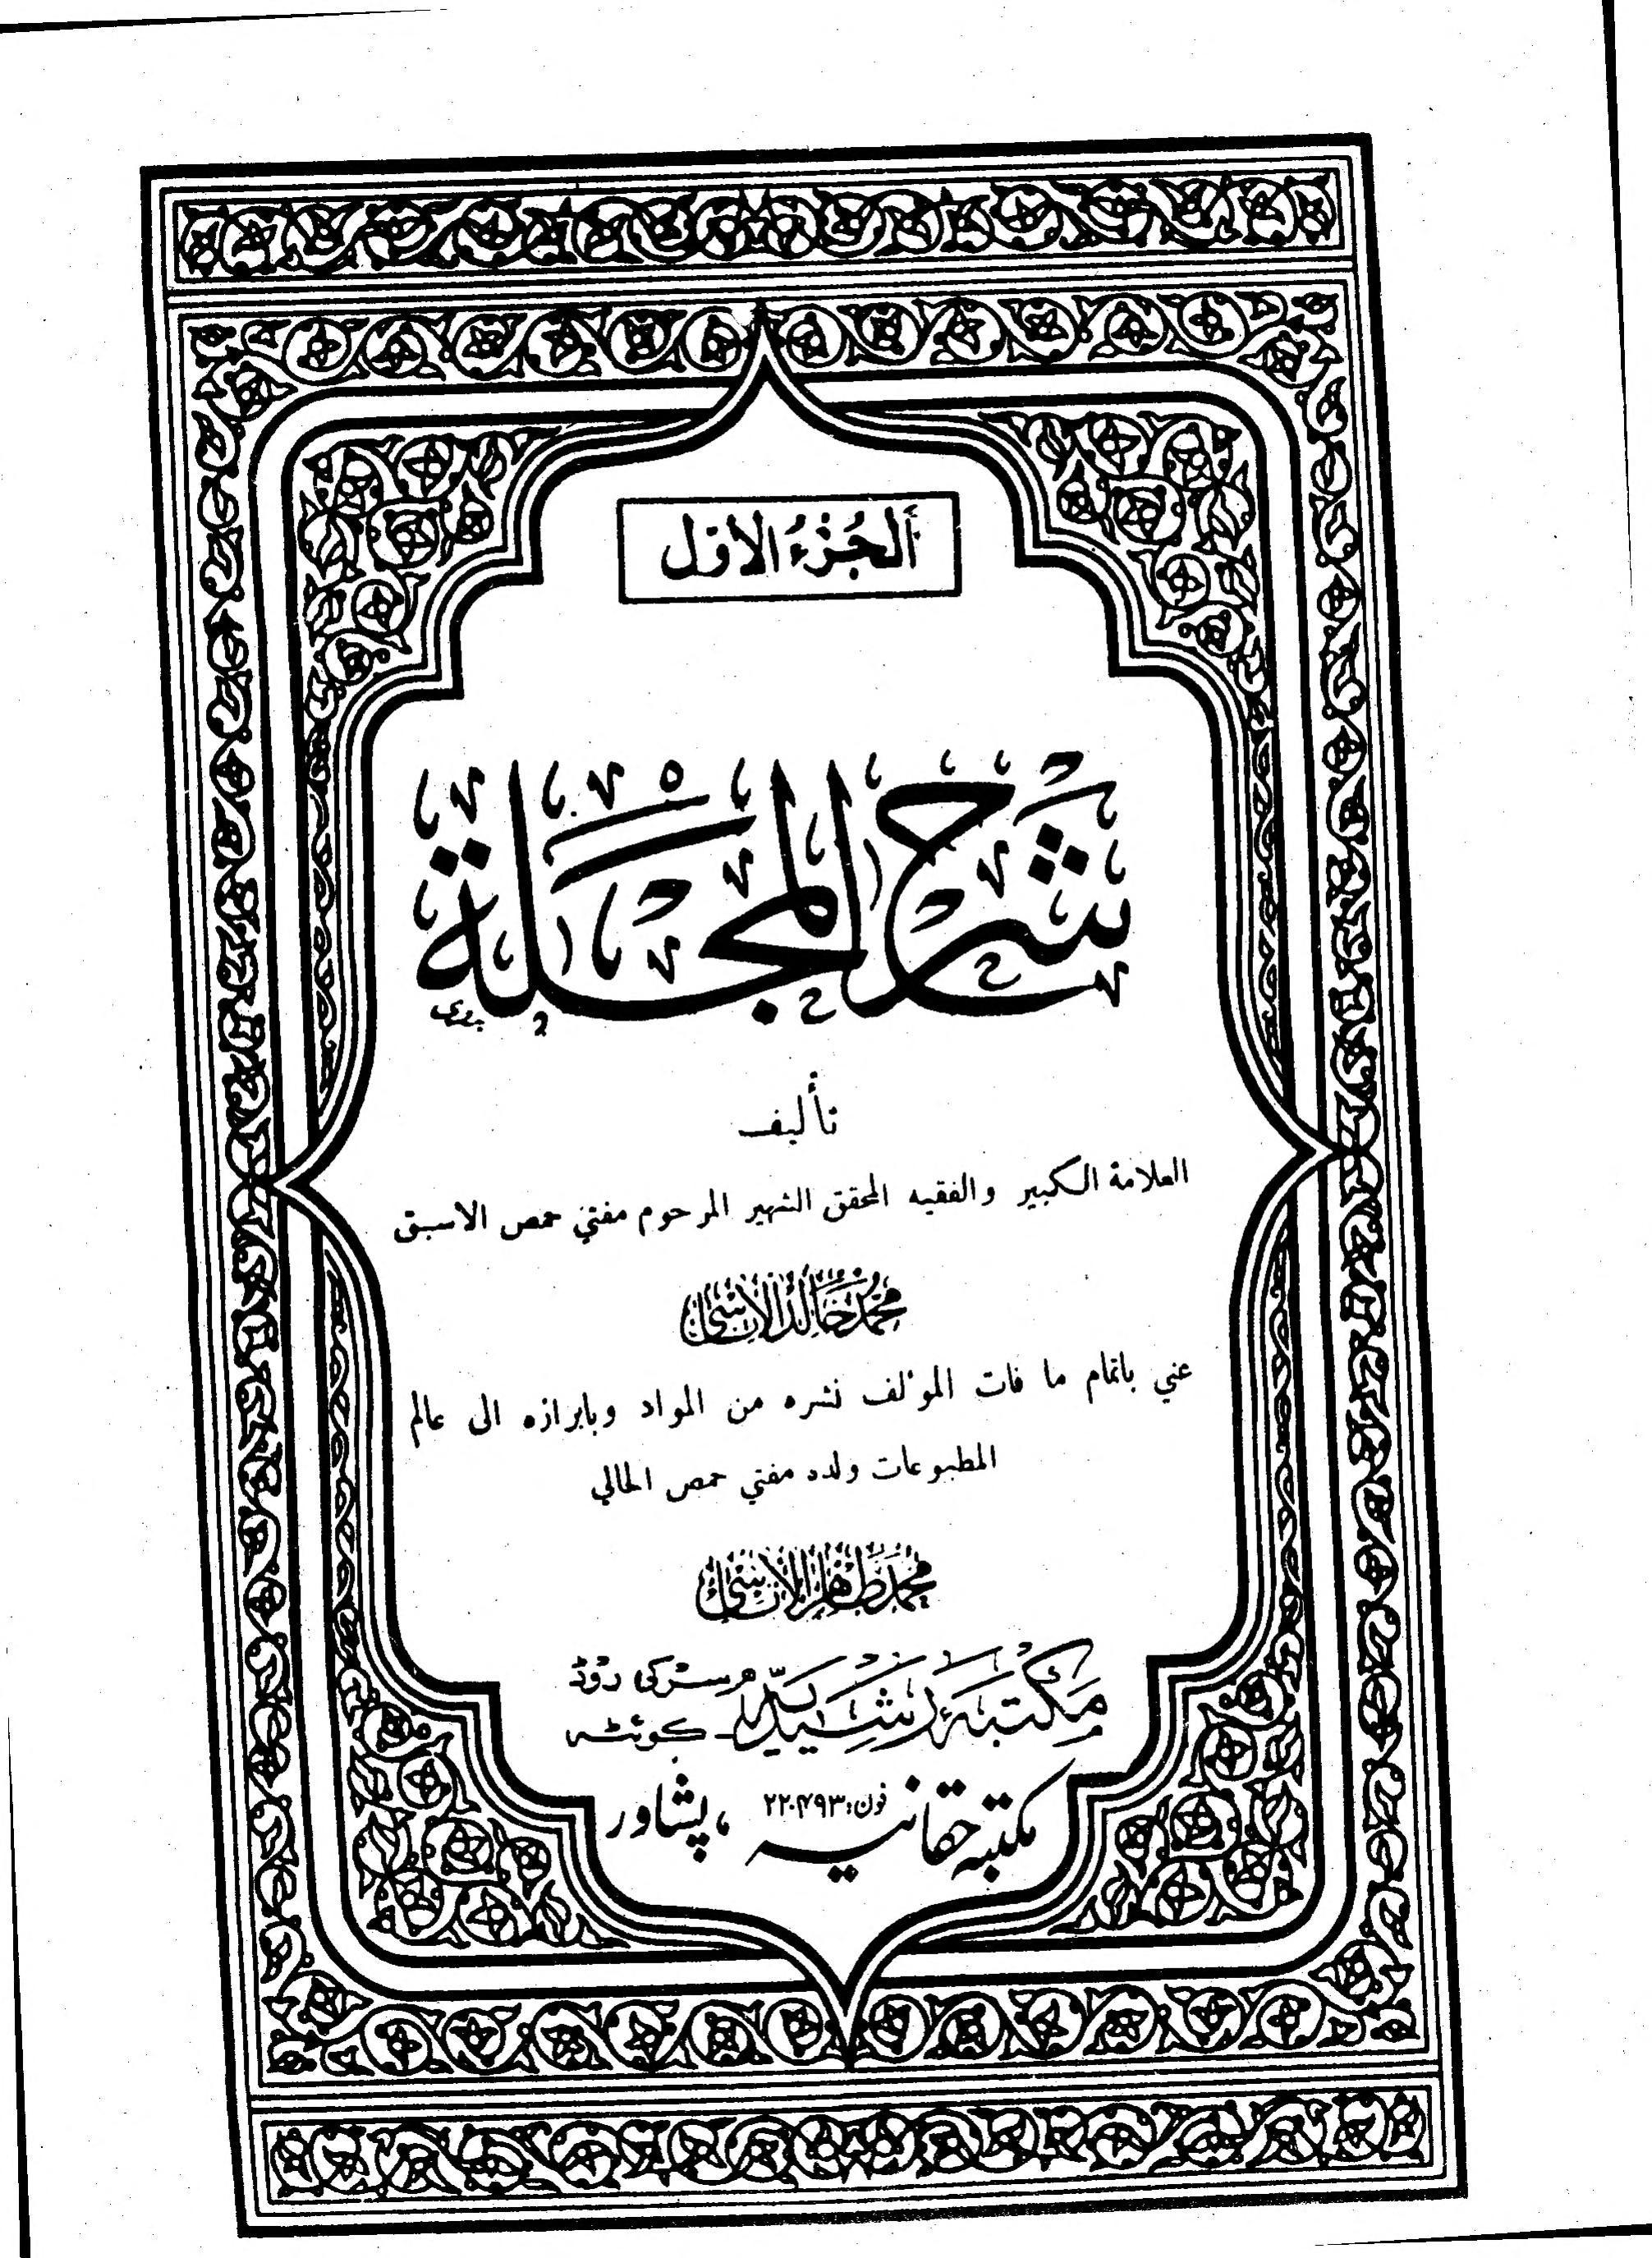 شرح المجلة محمد خالد الأتاسي Free Download Borrow And Streaming Internet Archive My Books Internet Archive Books